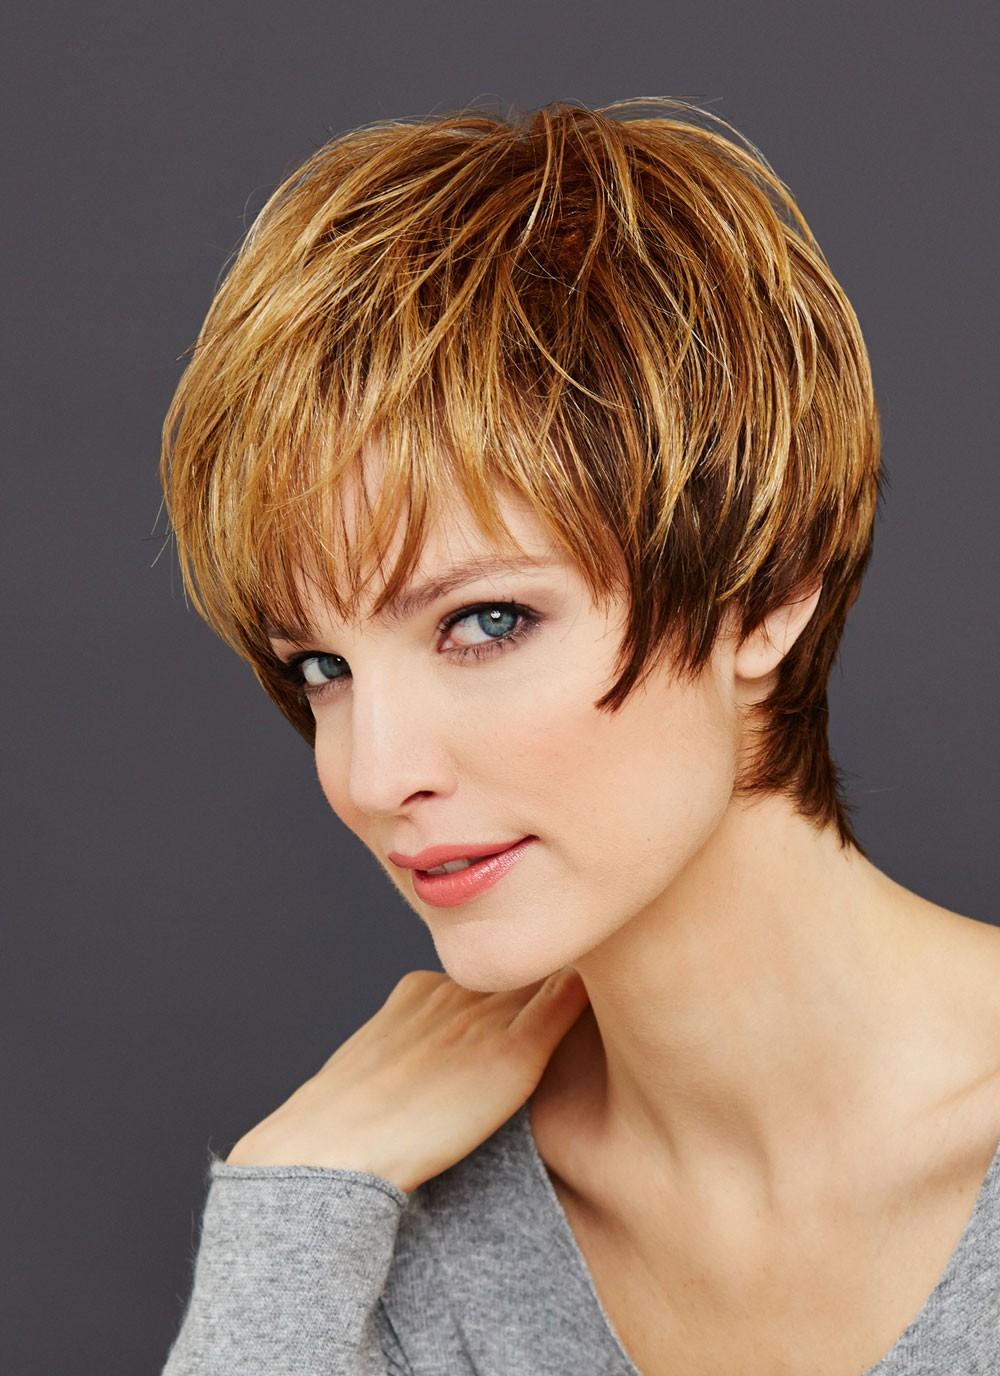 Short Boy Cut Ladies Straight Hair Wigs 17d771dd8c84